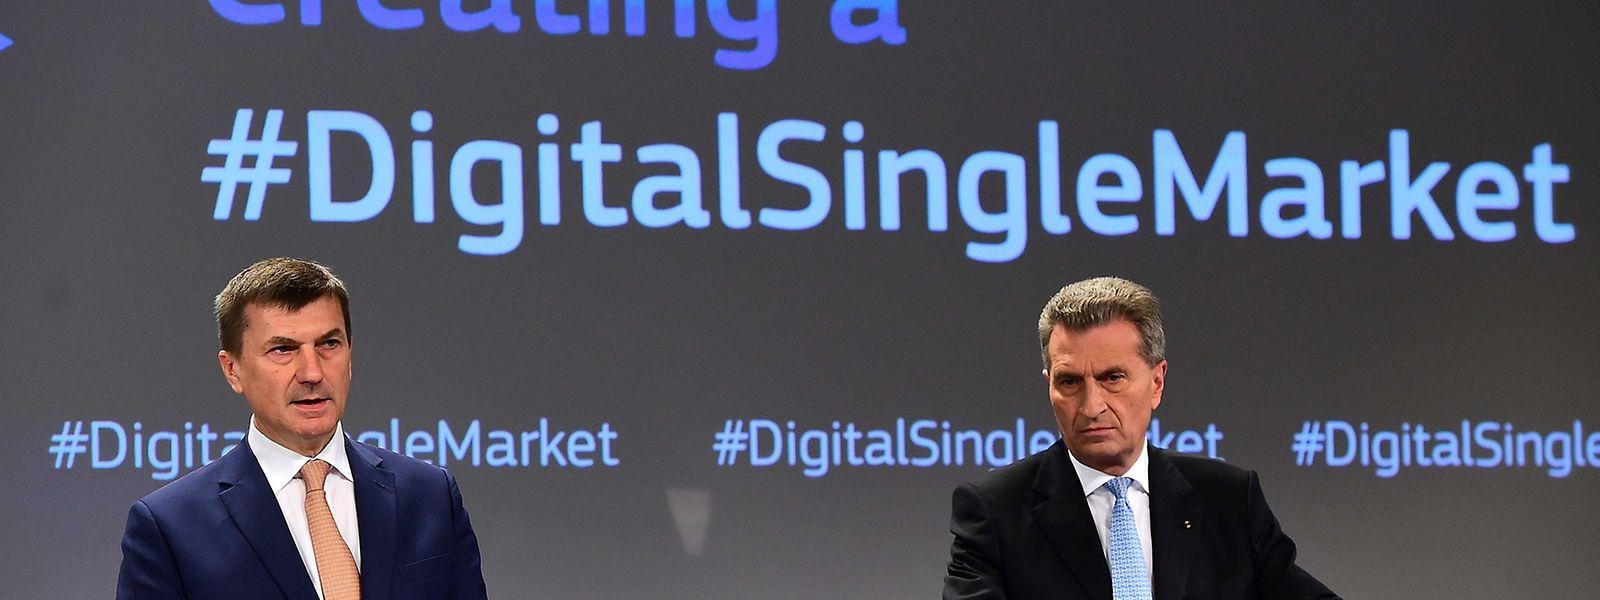 Insgesamt 16 Initiativen wollen Ansip und Oettinger bis Ende 2016 anstoßen